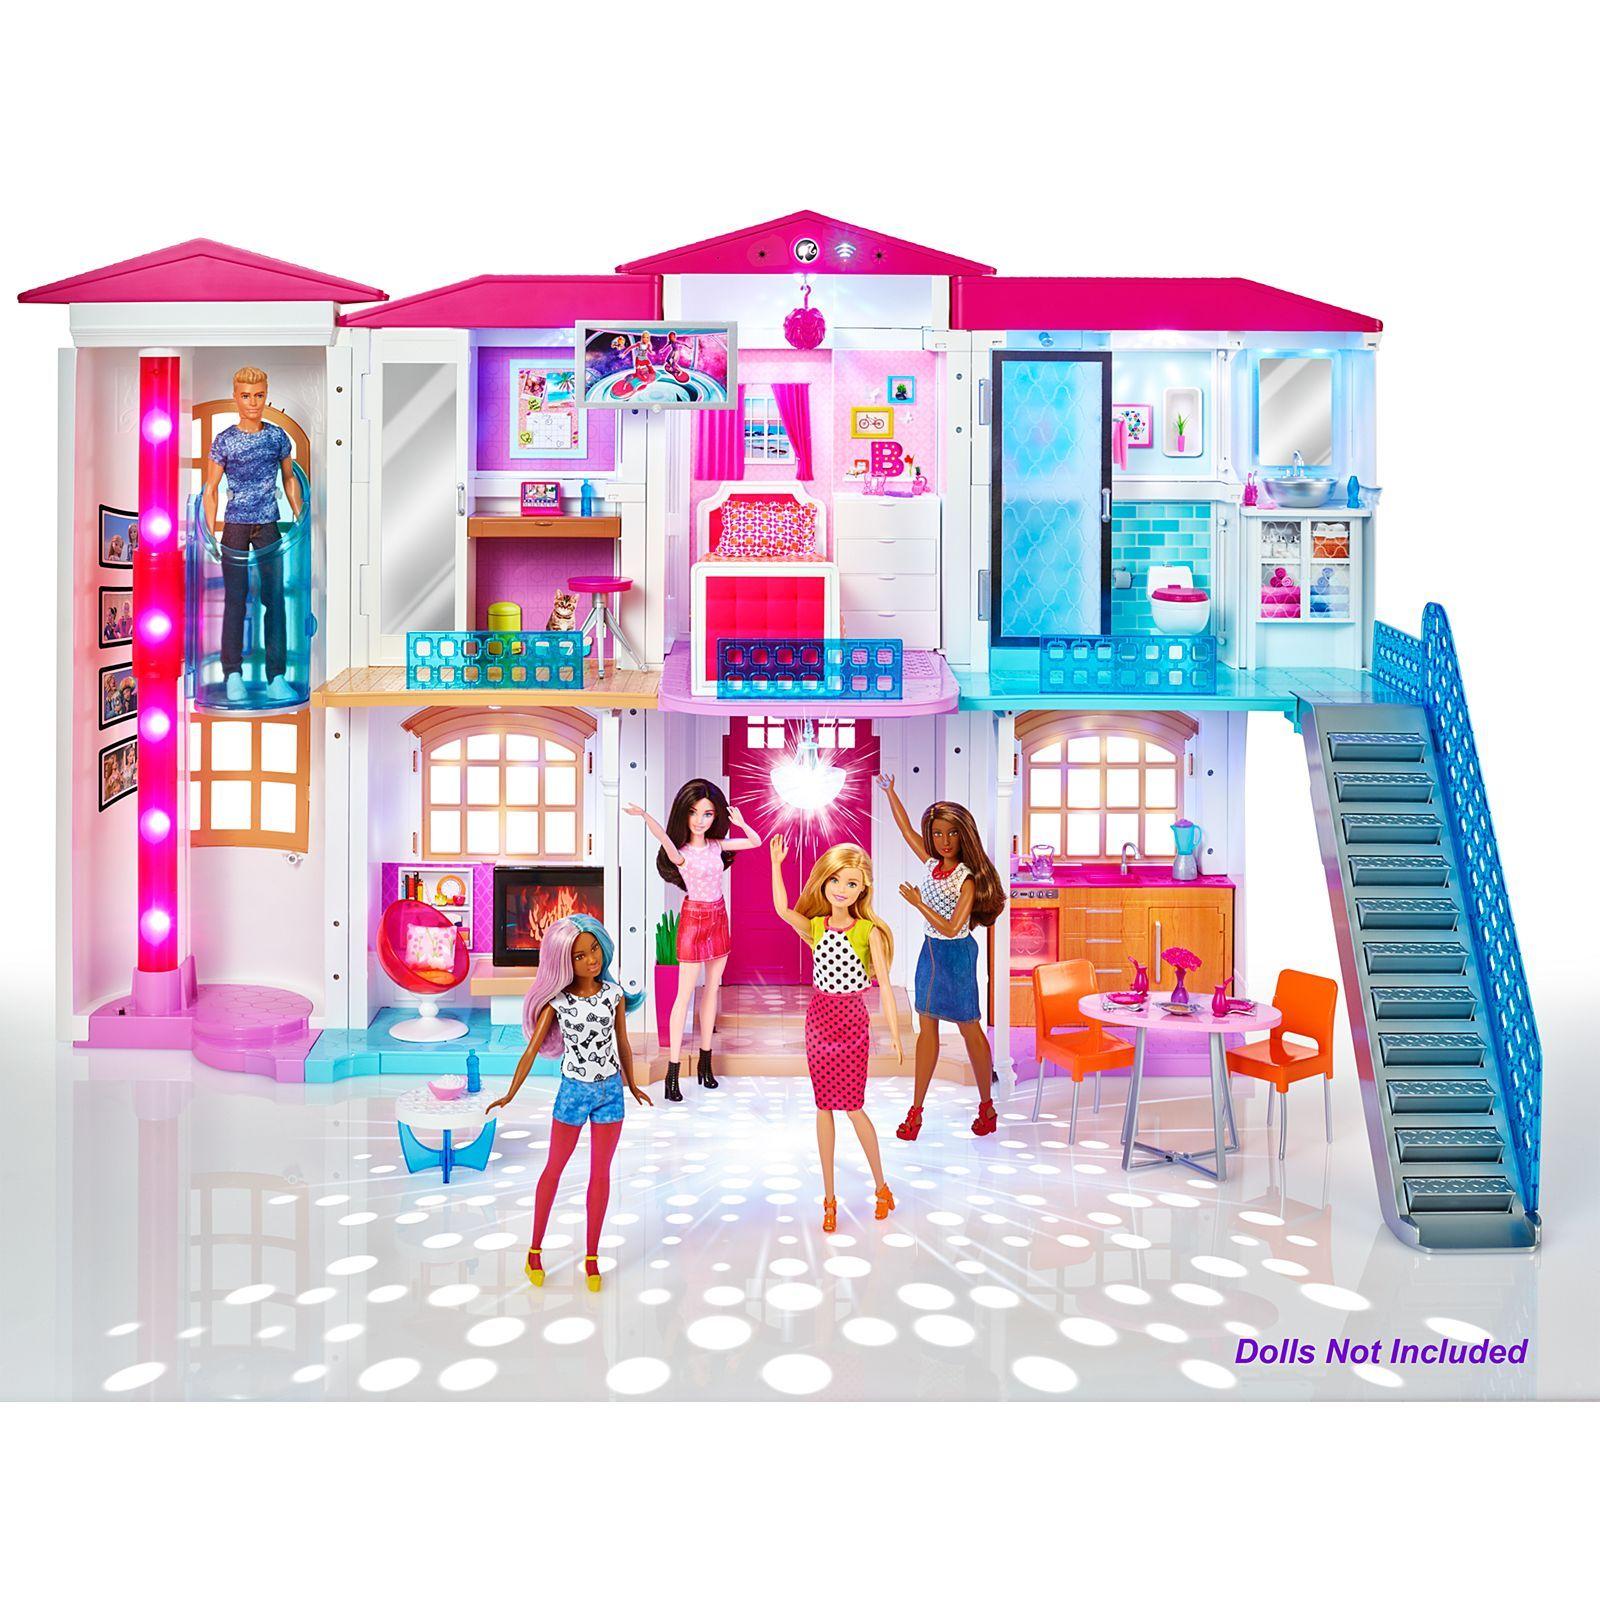 Barbie Hello Dreamhouse Dpx21 Barbie Barbie Smart House Barbie Doll House Barbie Dream House